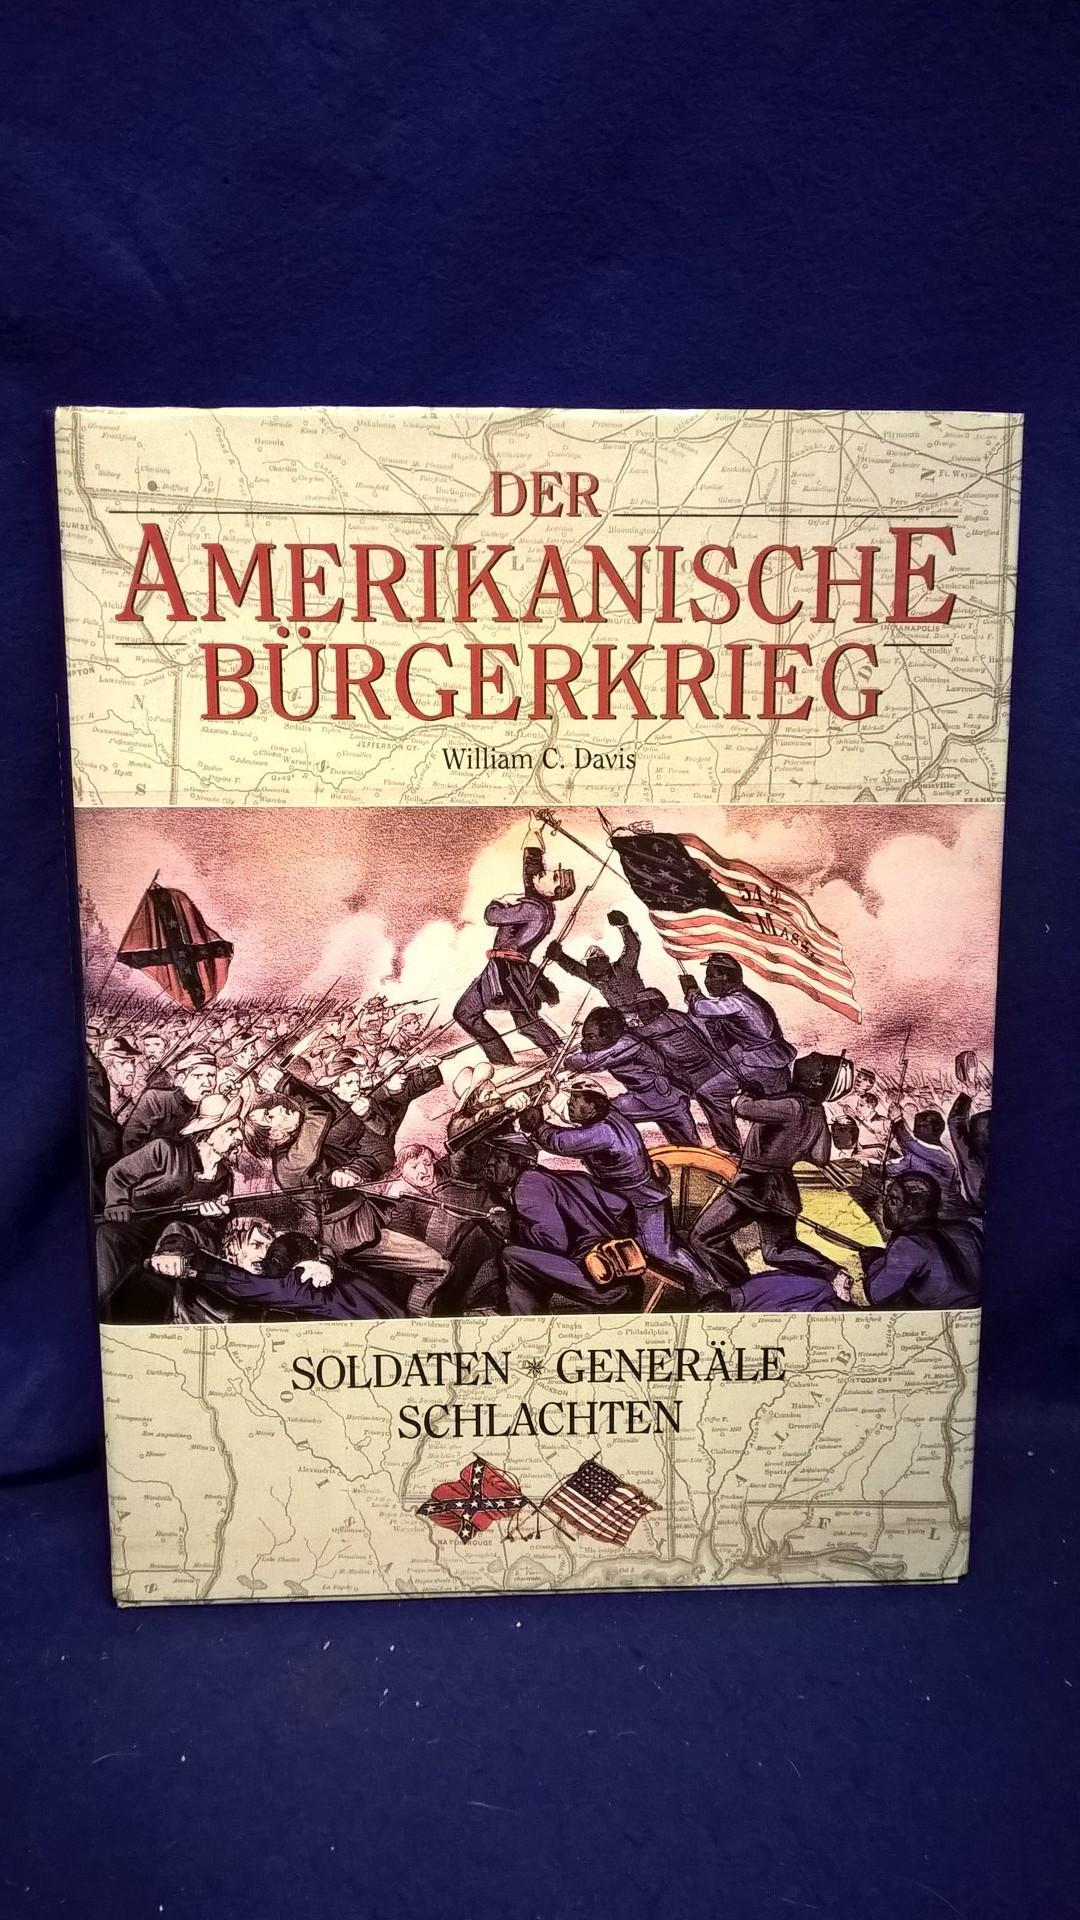 Der amerikanische Bürgerkrieg. Soldaten - Generale - Schlachten.